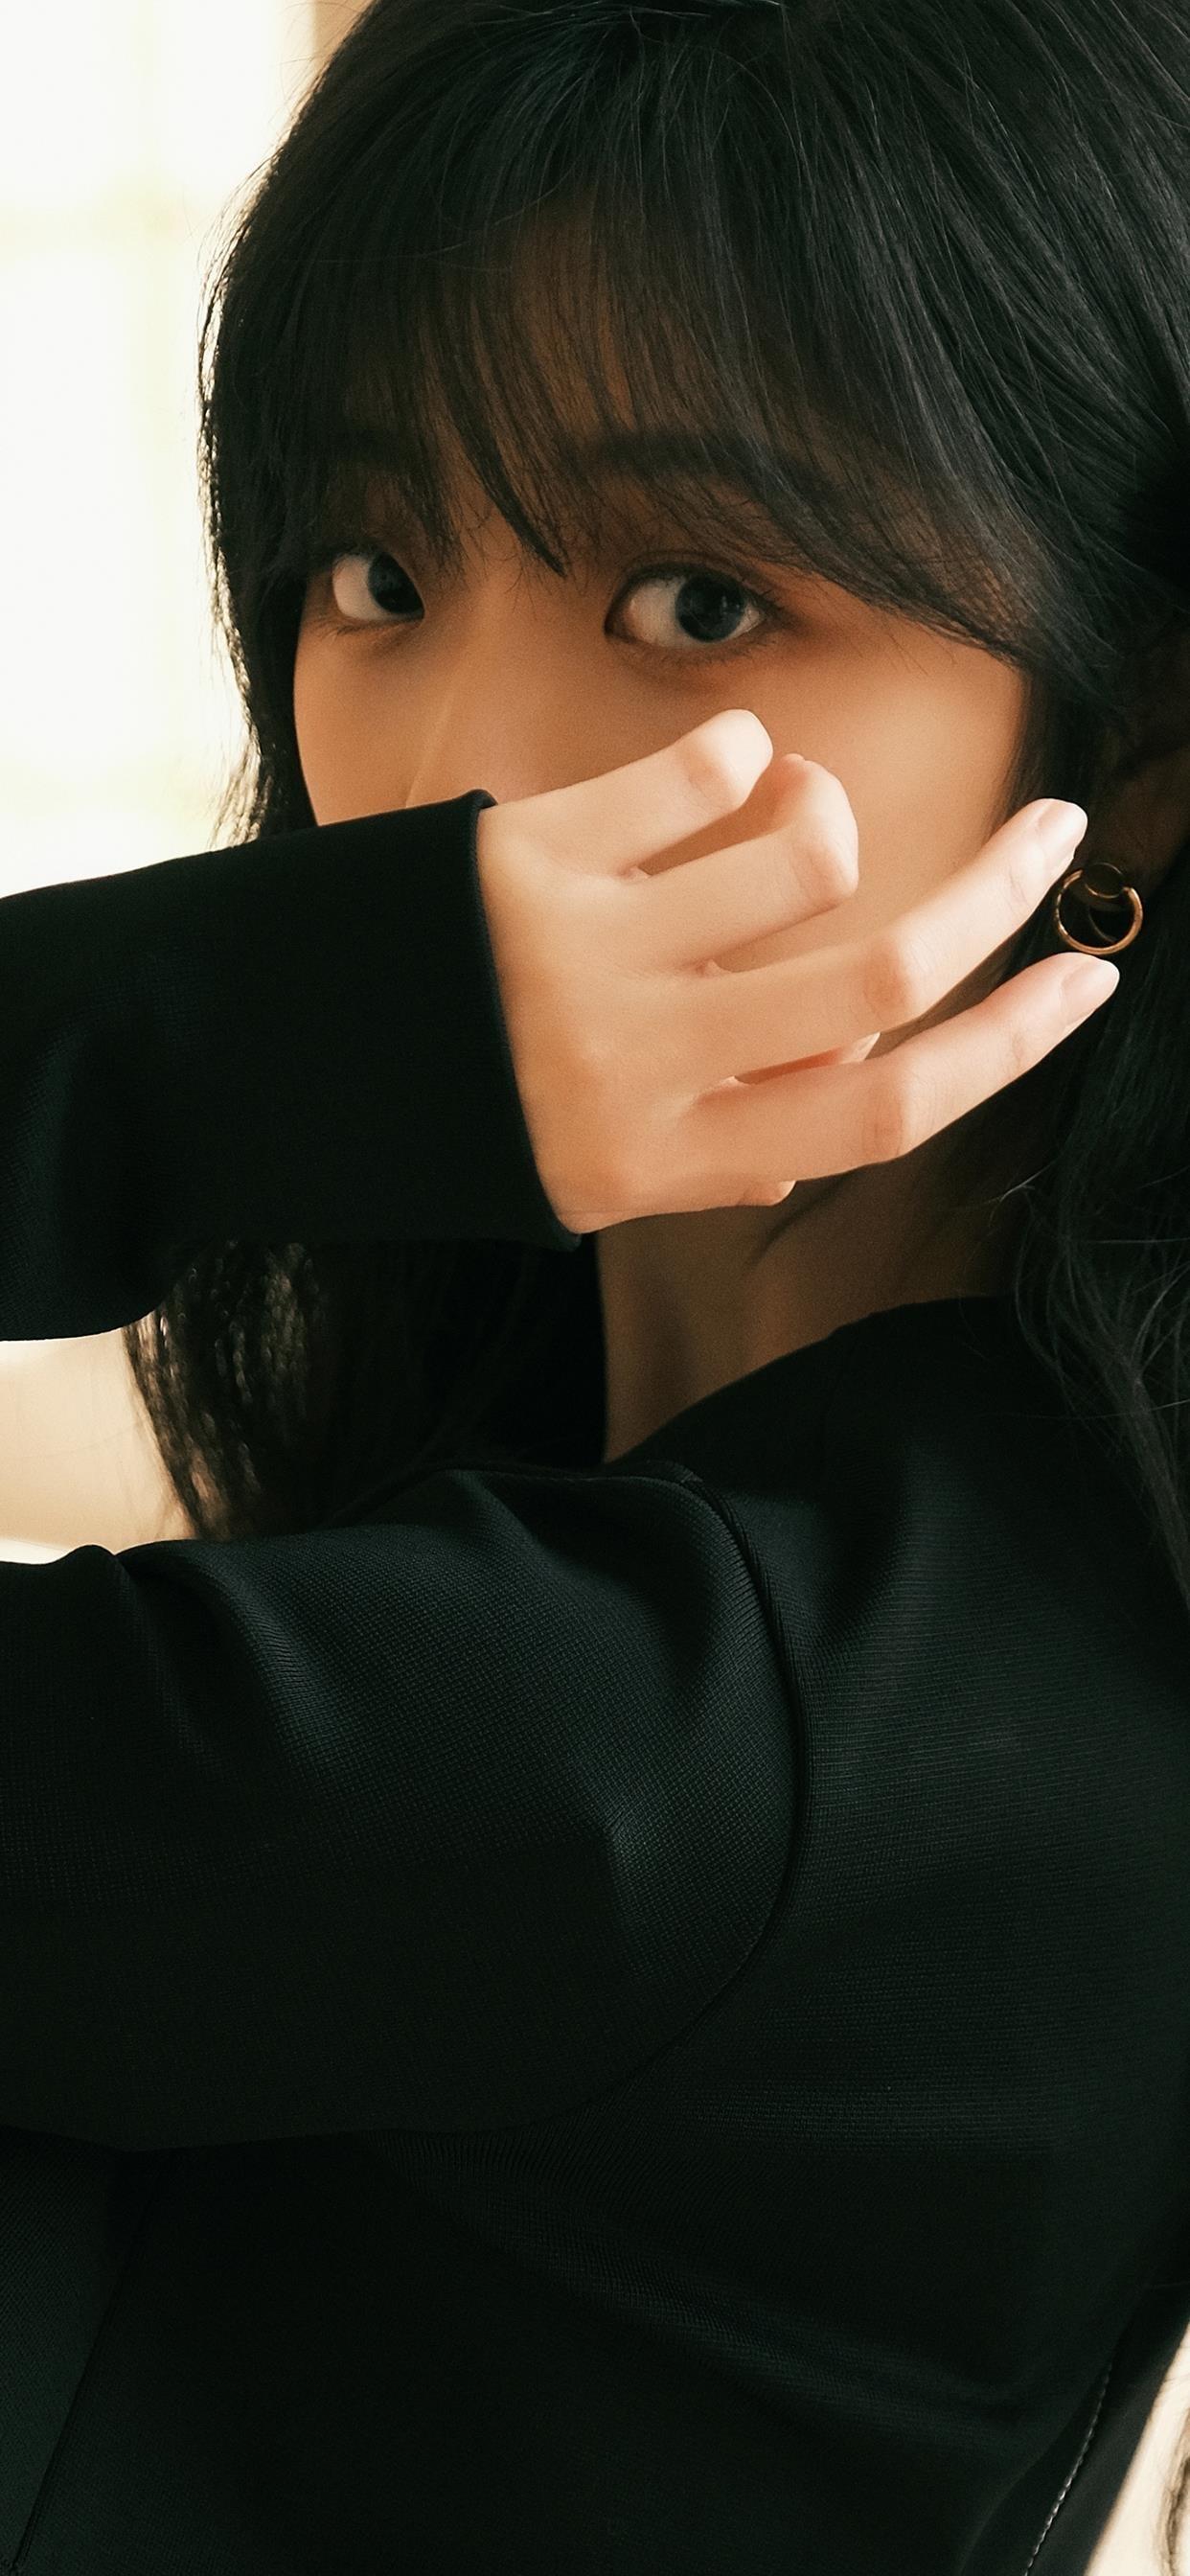 孙千时尚明星手机壁纸 太美了吧!